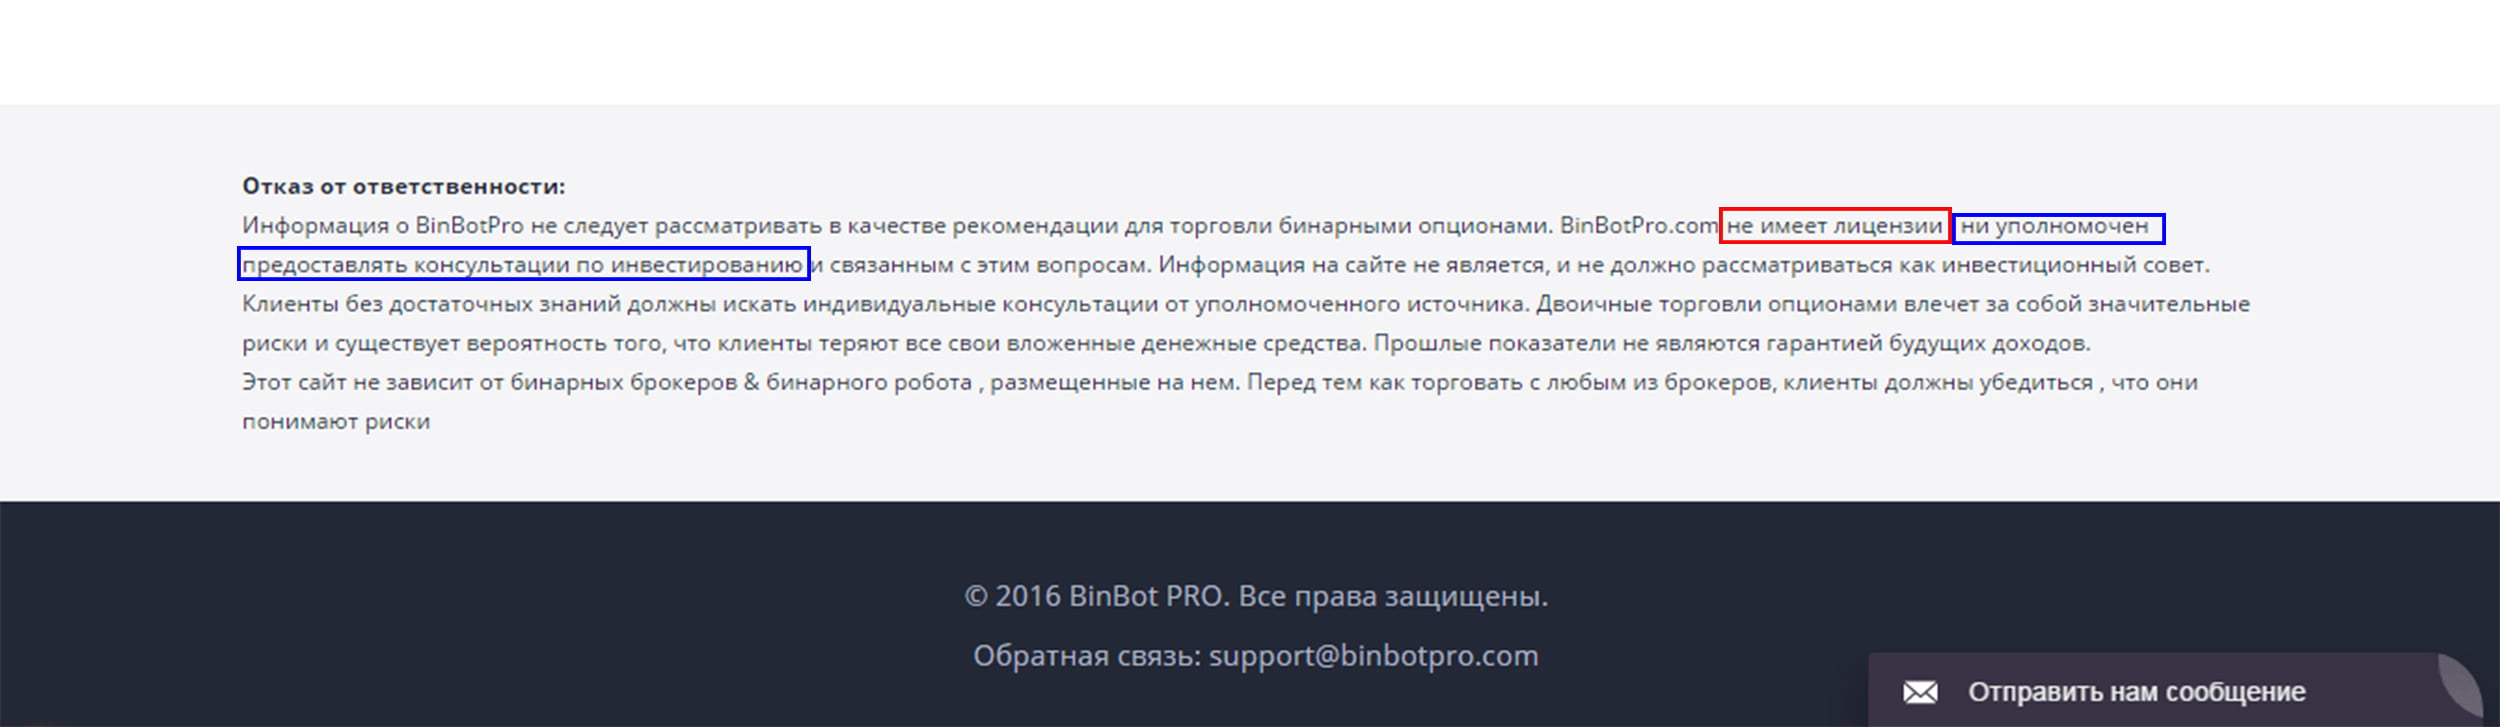 Юридическая информация BinBot Pro